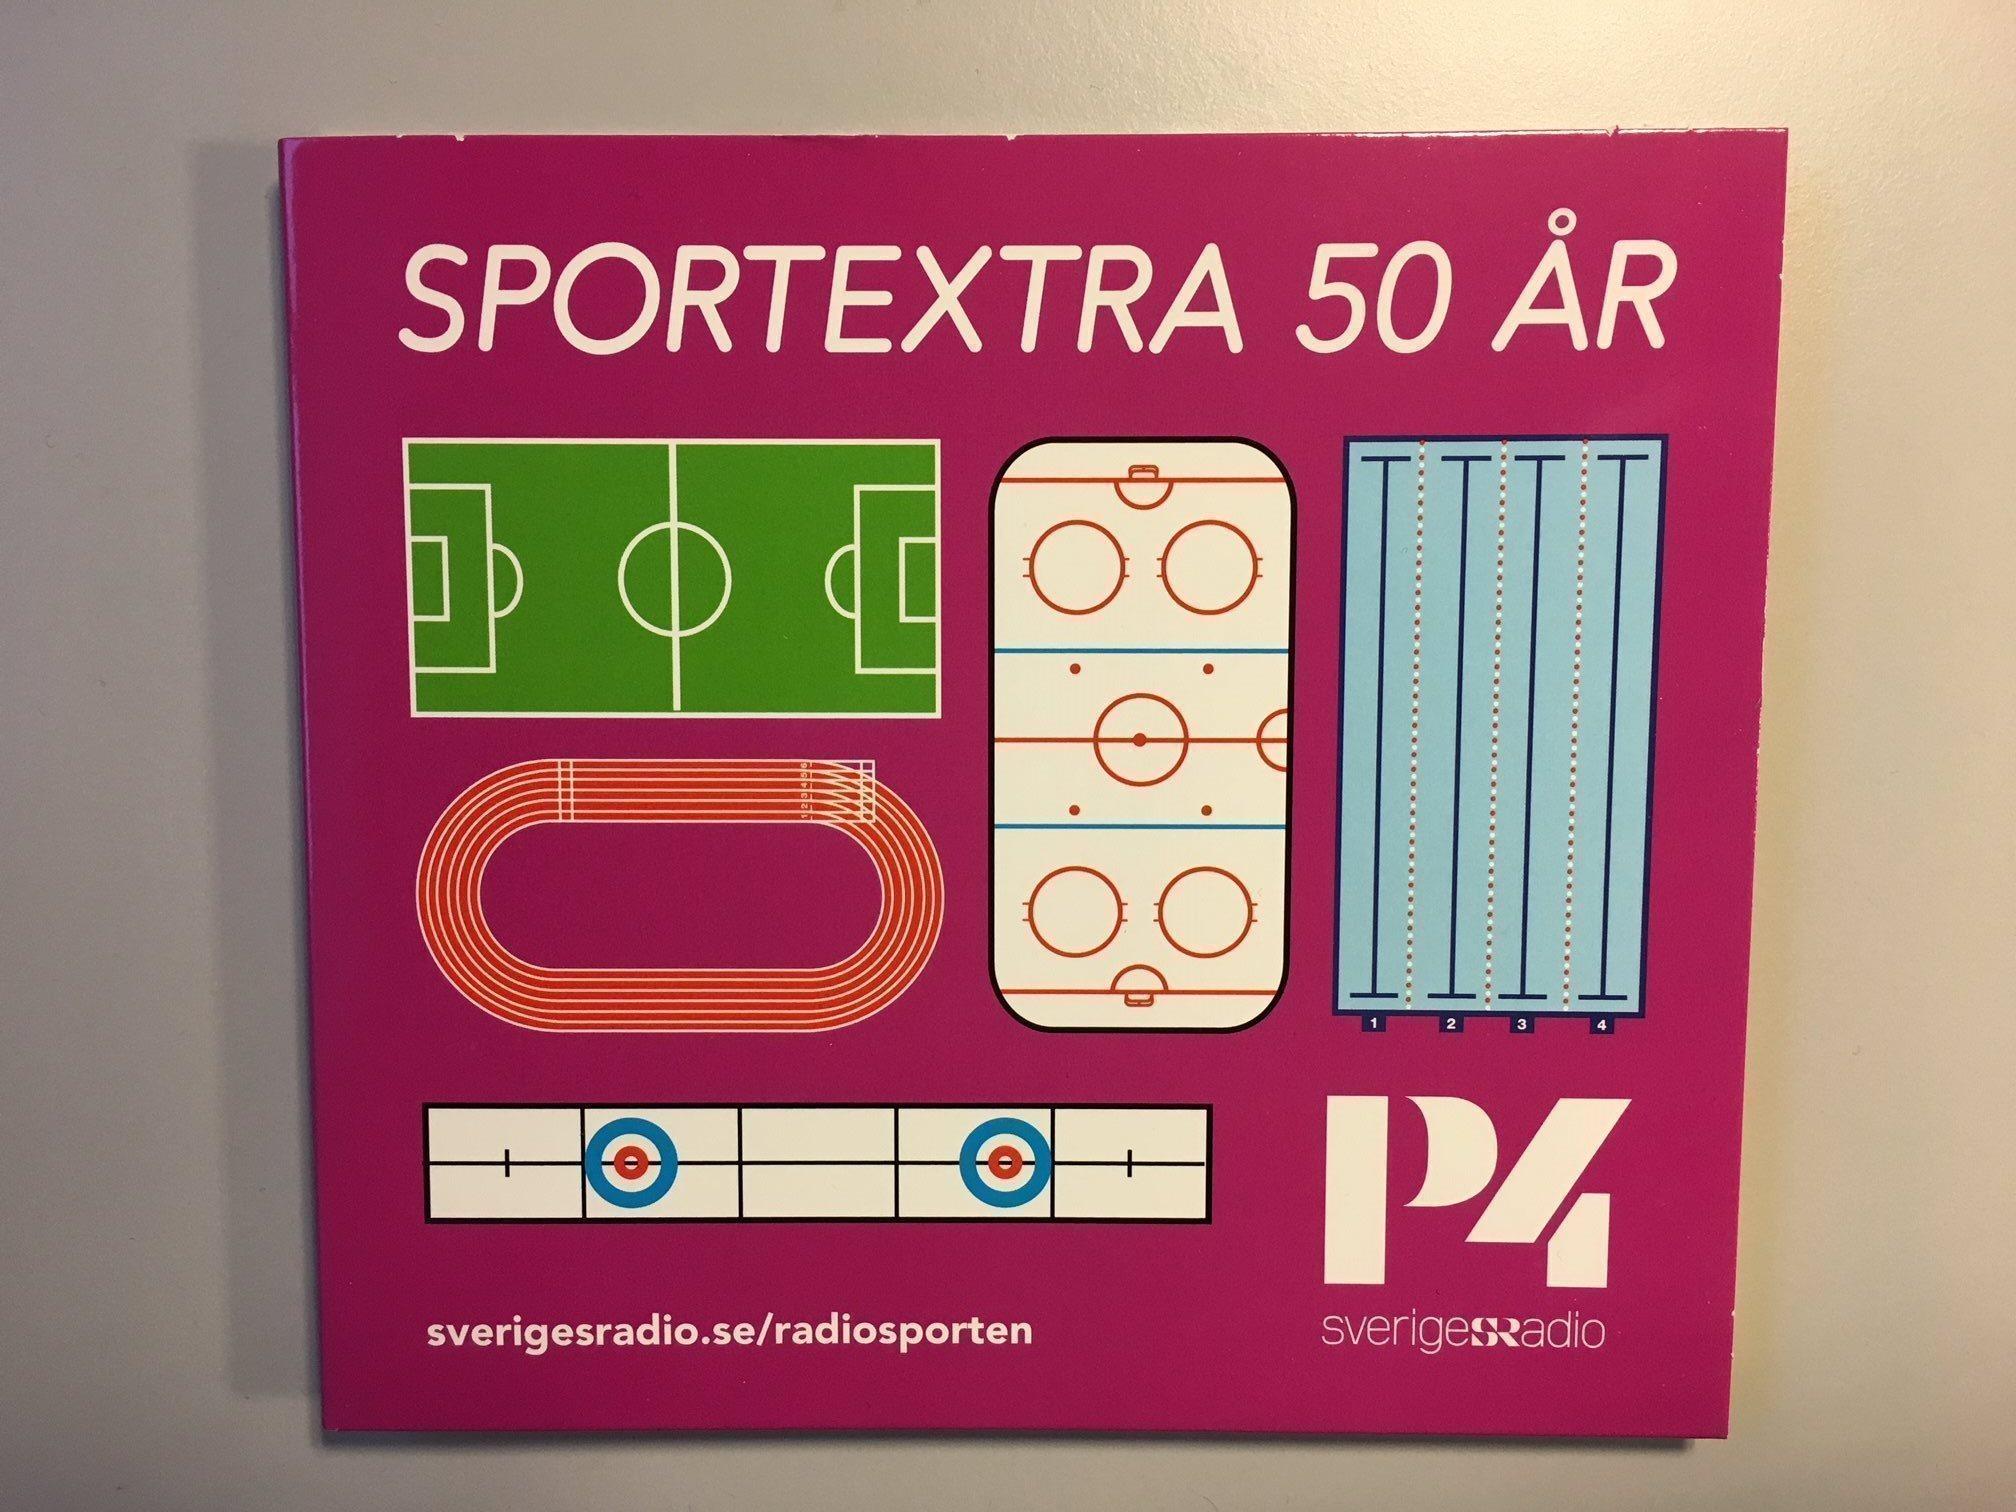 sportextra 50 år Sportextra CD   Radiosporten P4 Sveriges Radio .. (308959411) ᐈ  sportextra 50 år